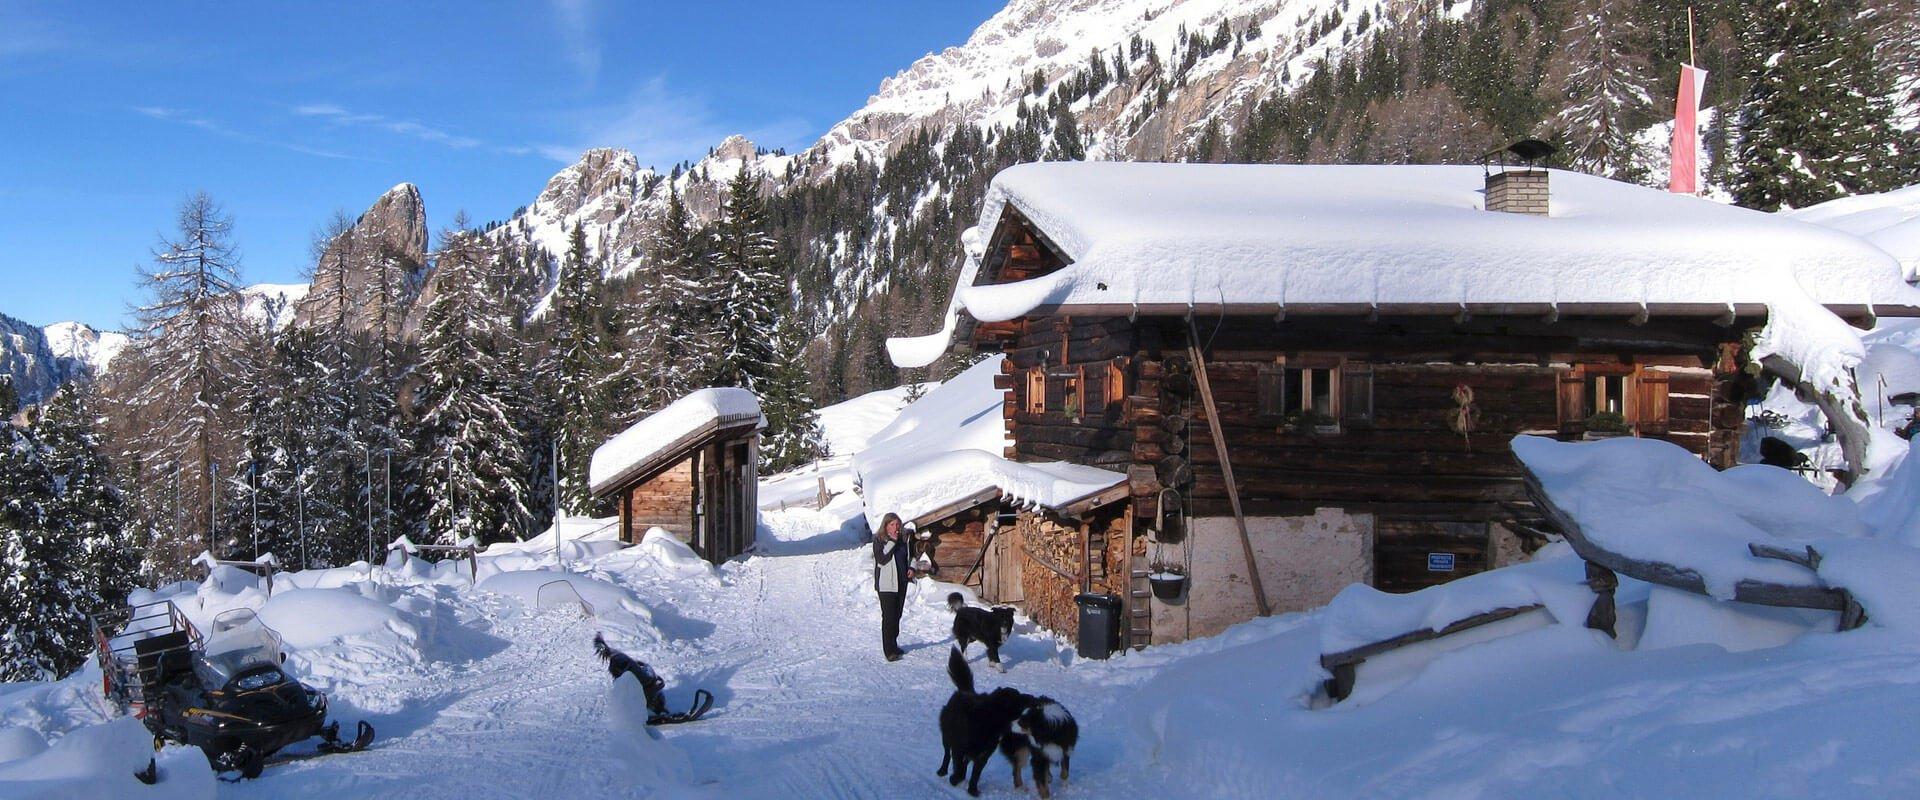 winterurlaub-dolomiten-04